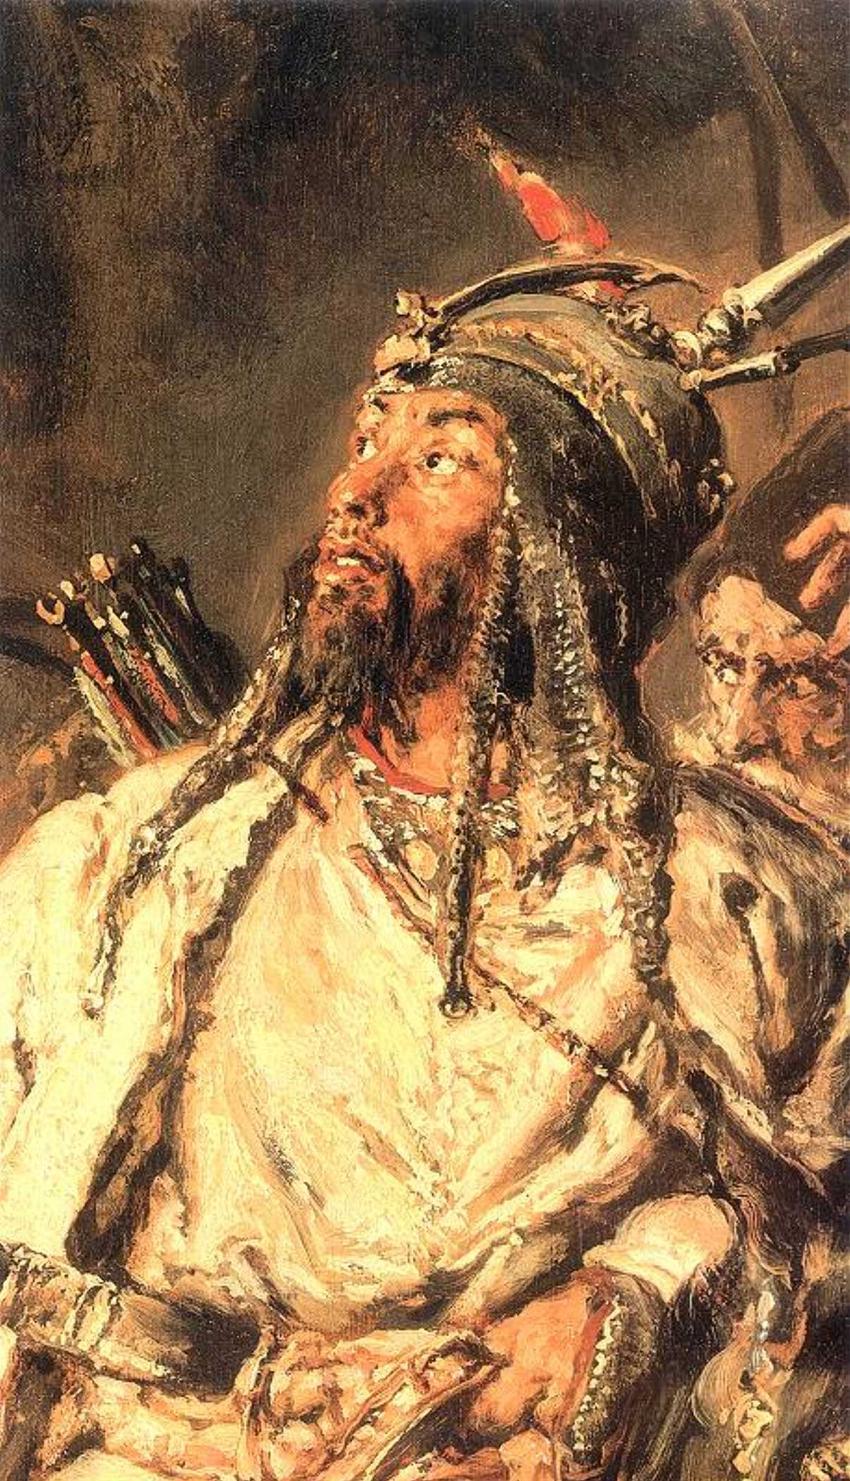 Bitwa pod Ochmatowem, czyli wojna z Tatarami, a także przebieg bitwy, strony i siły oraz dokładna data